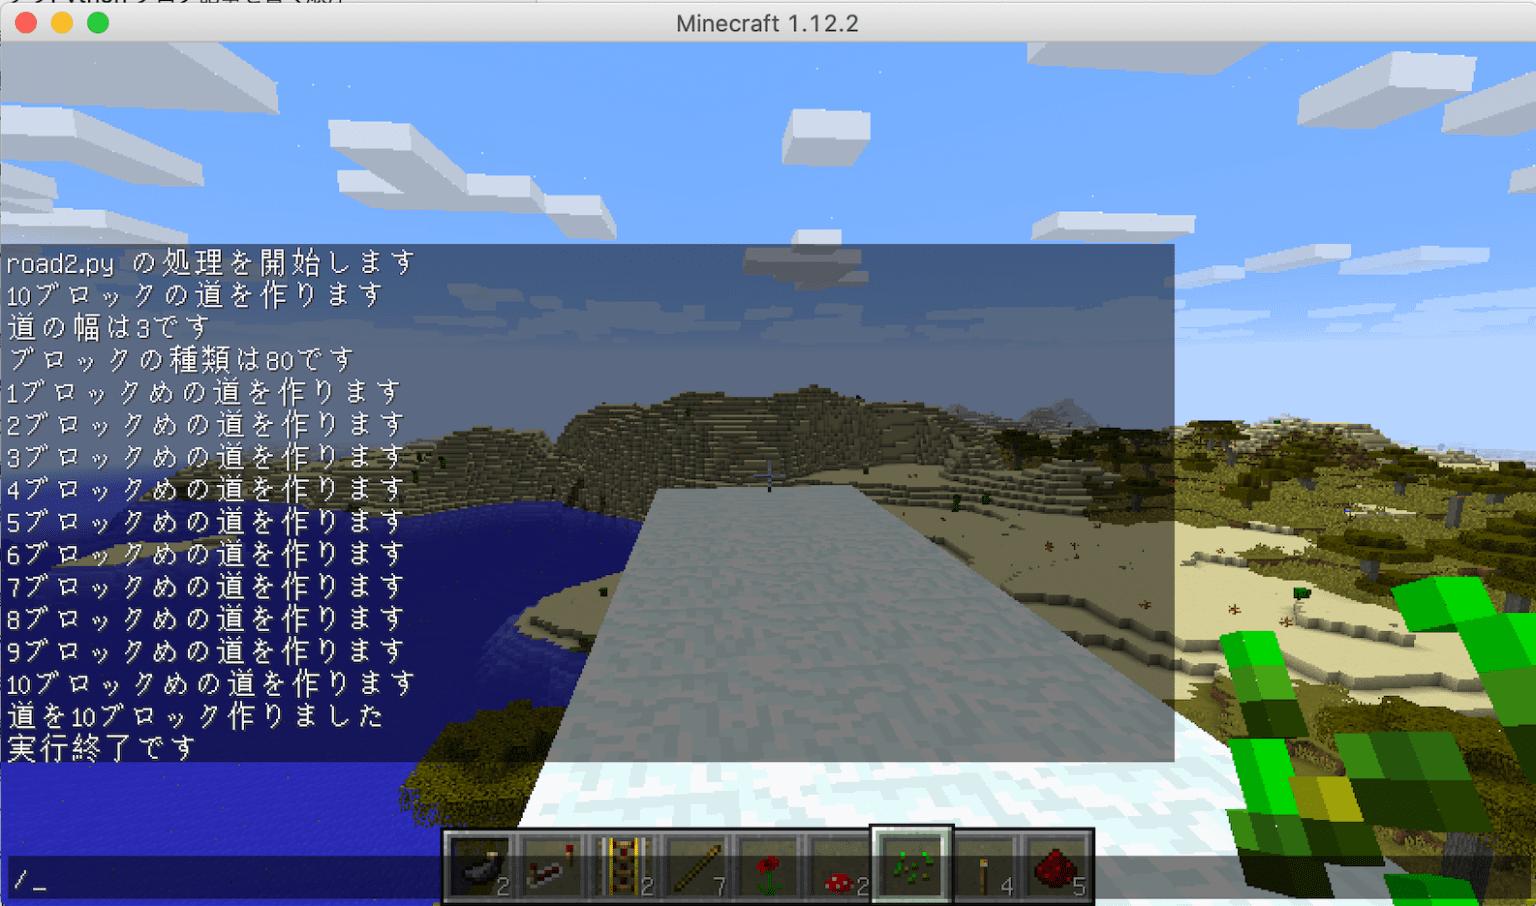 マインクラフトのPythonプログラムで、3個のパラメータを指定した結果